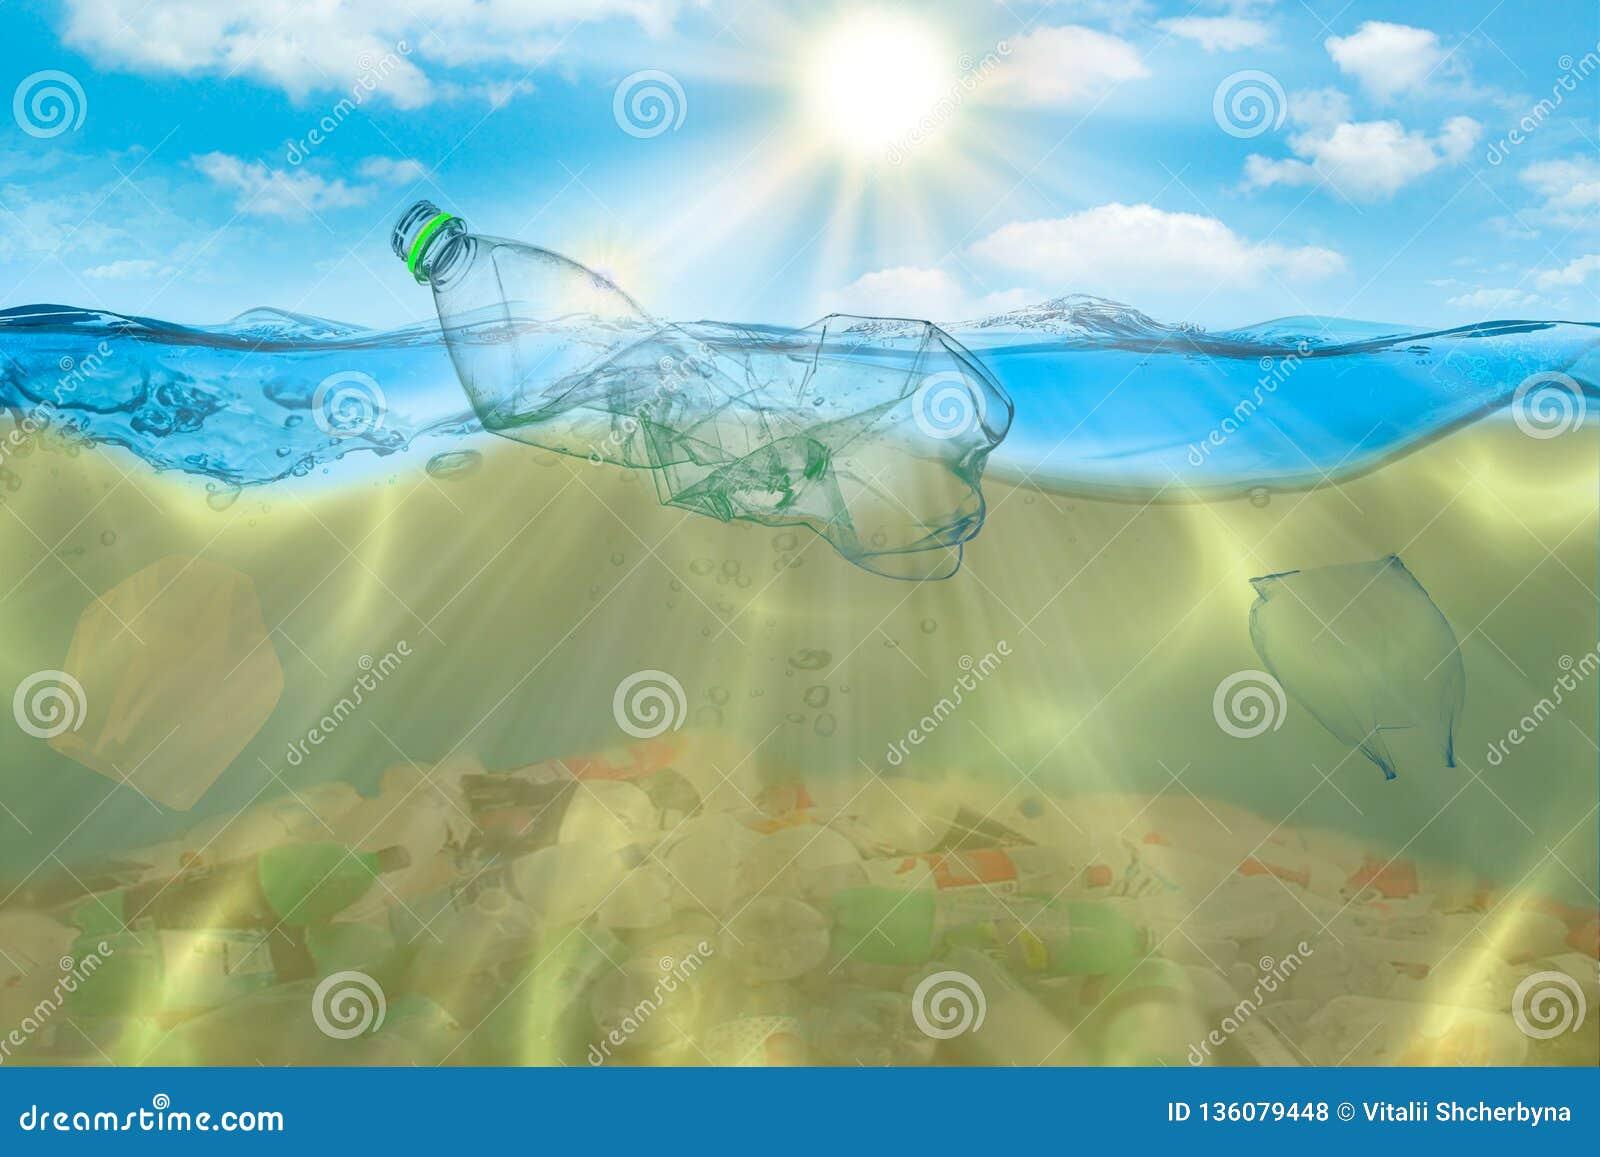 Fundo criativo, saco de plástico que flutua no oceano, um saco na água O conceito da poluição ambiental, non-